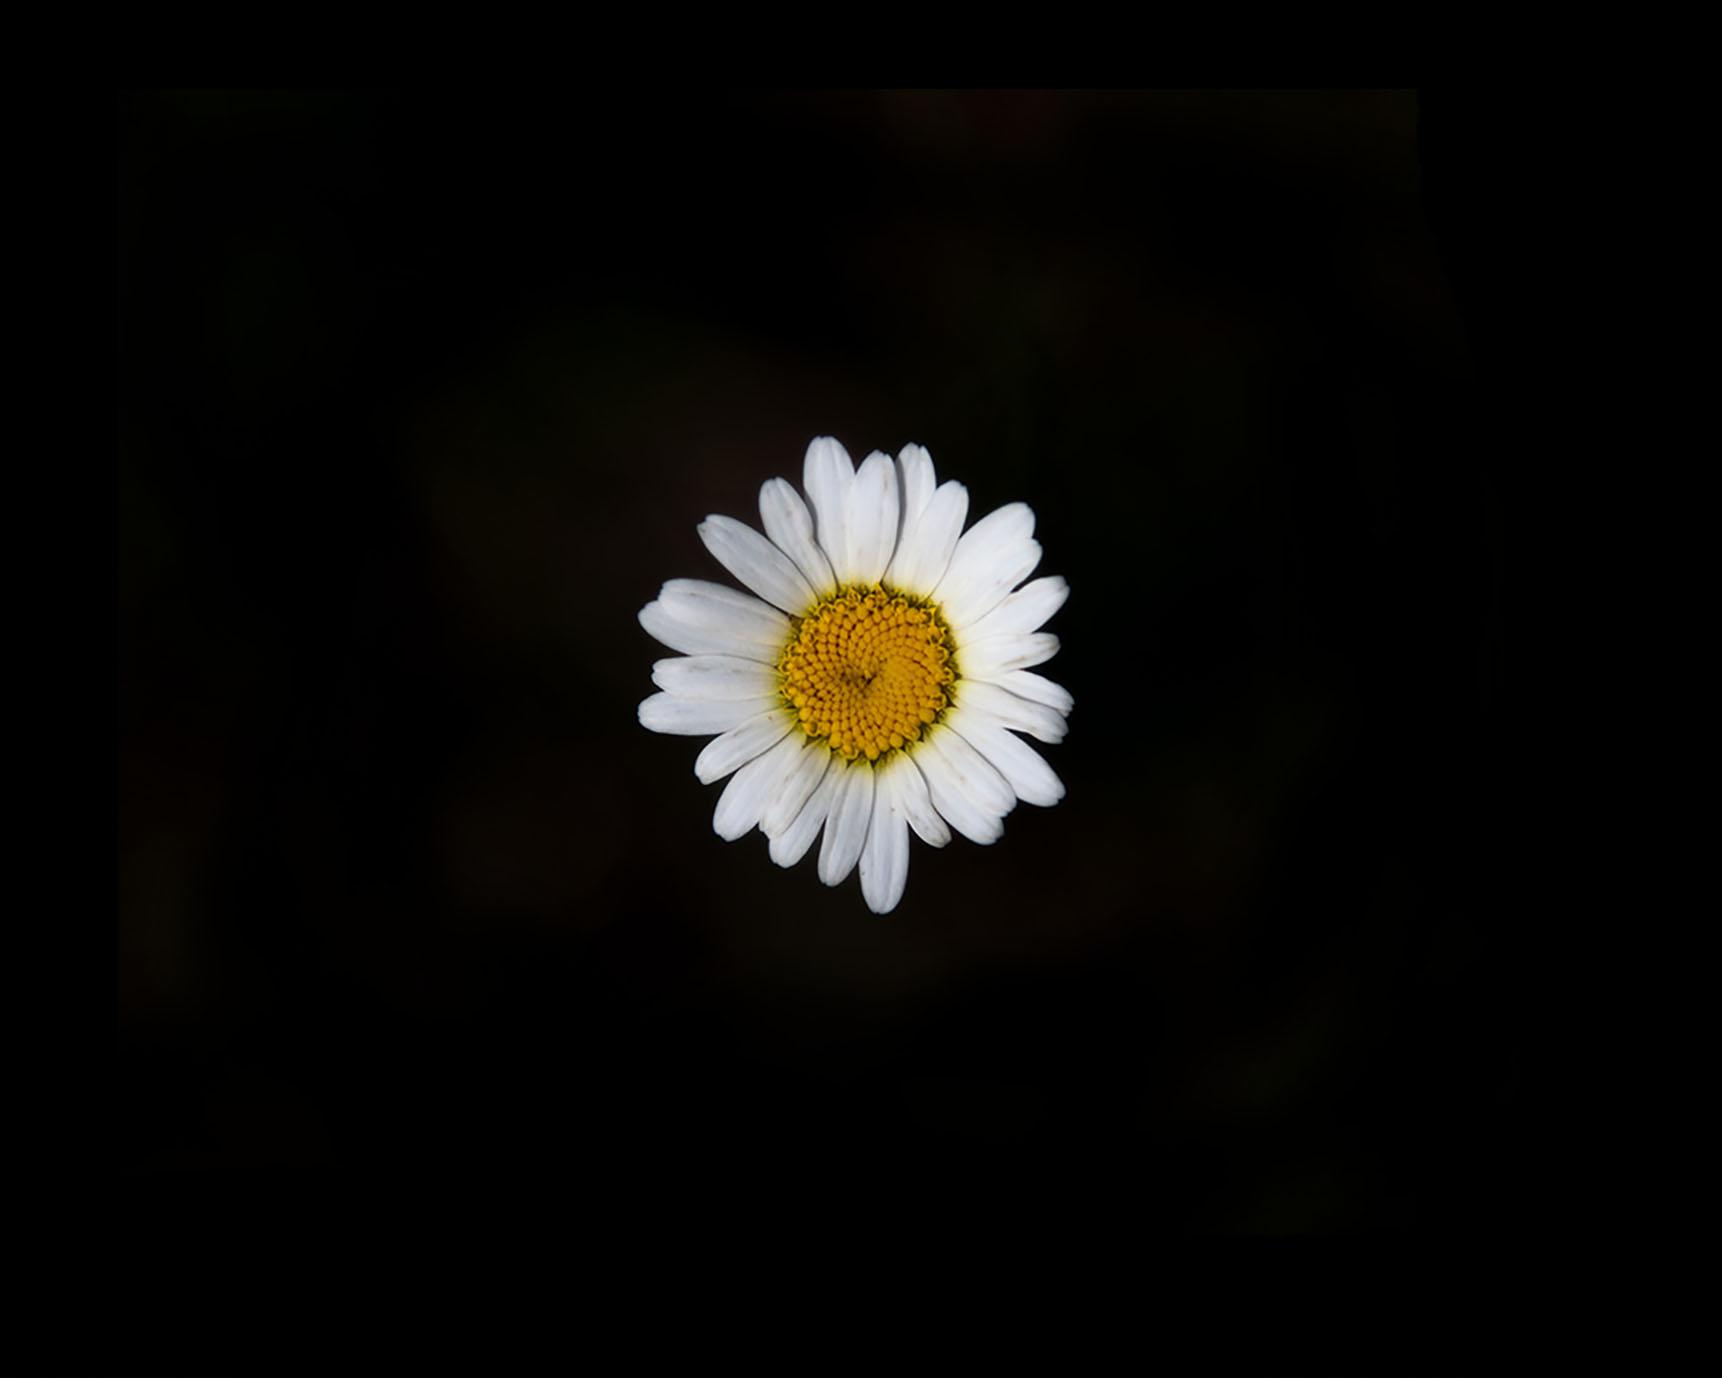 f1-8633.jpg